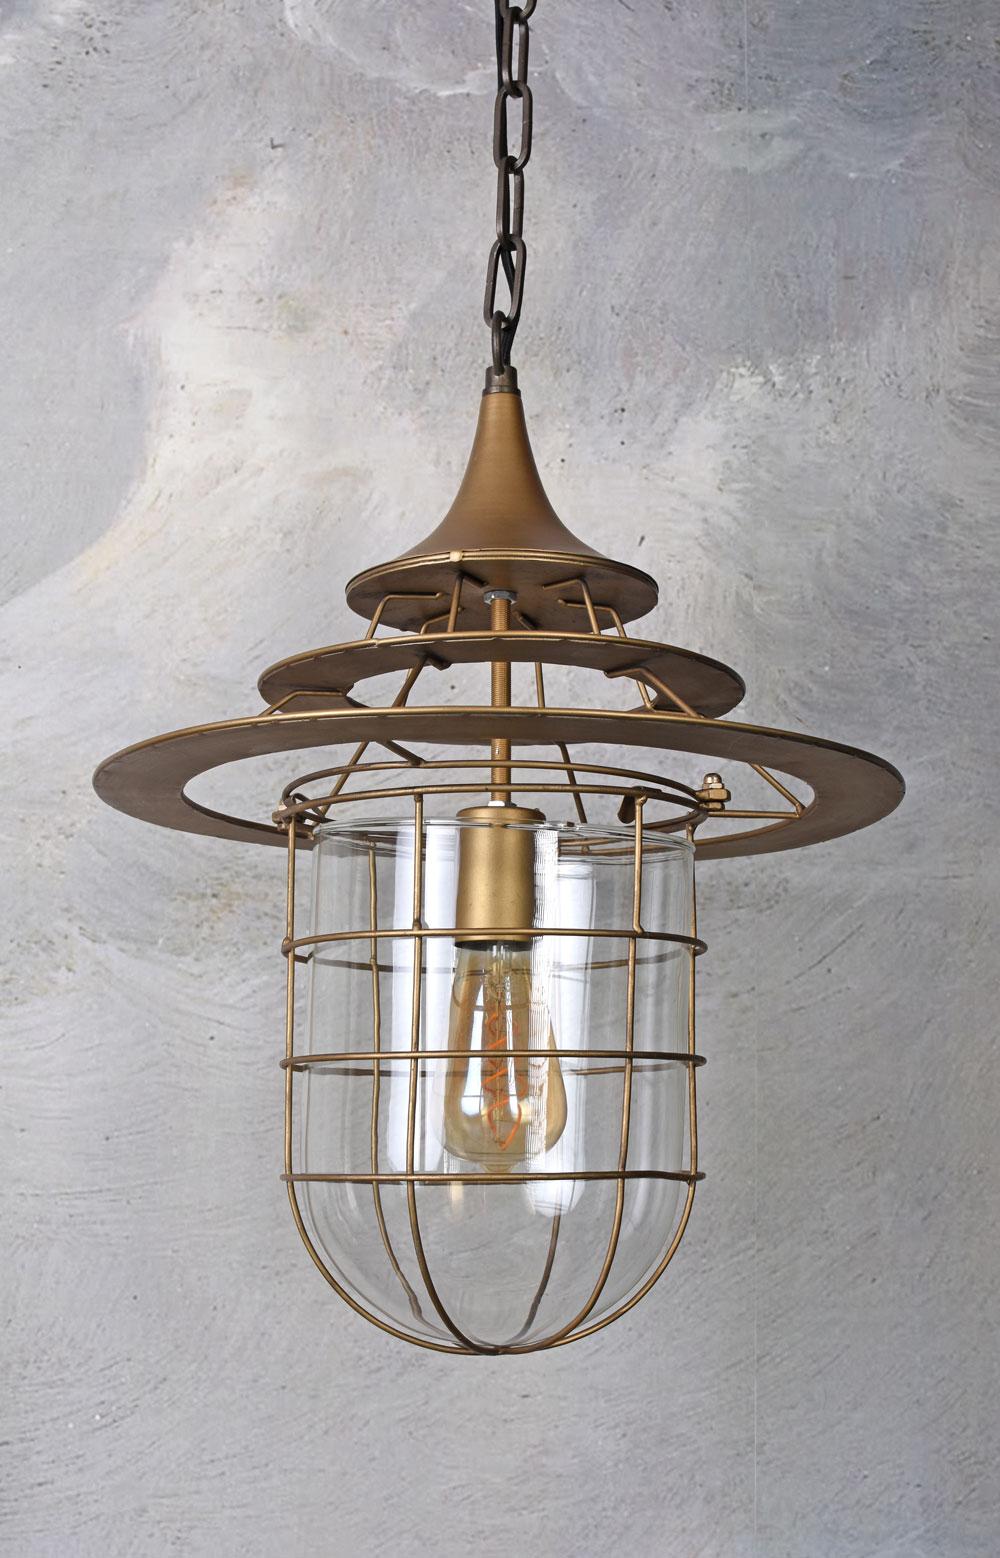 Full Size of Küchenleuchte Hngelampe Kchenleuchte Fabriklampe Industrie Design Wohnzimmer Küchenleuchte